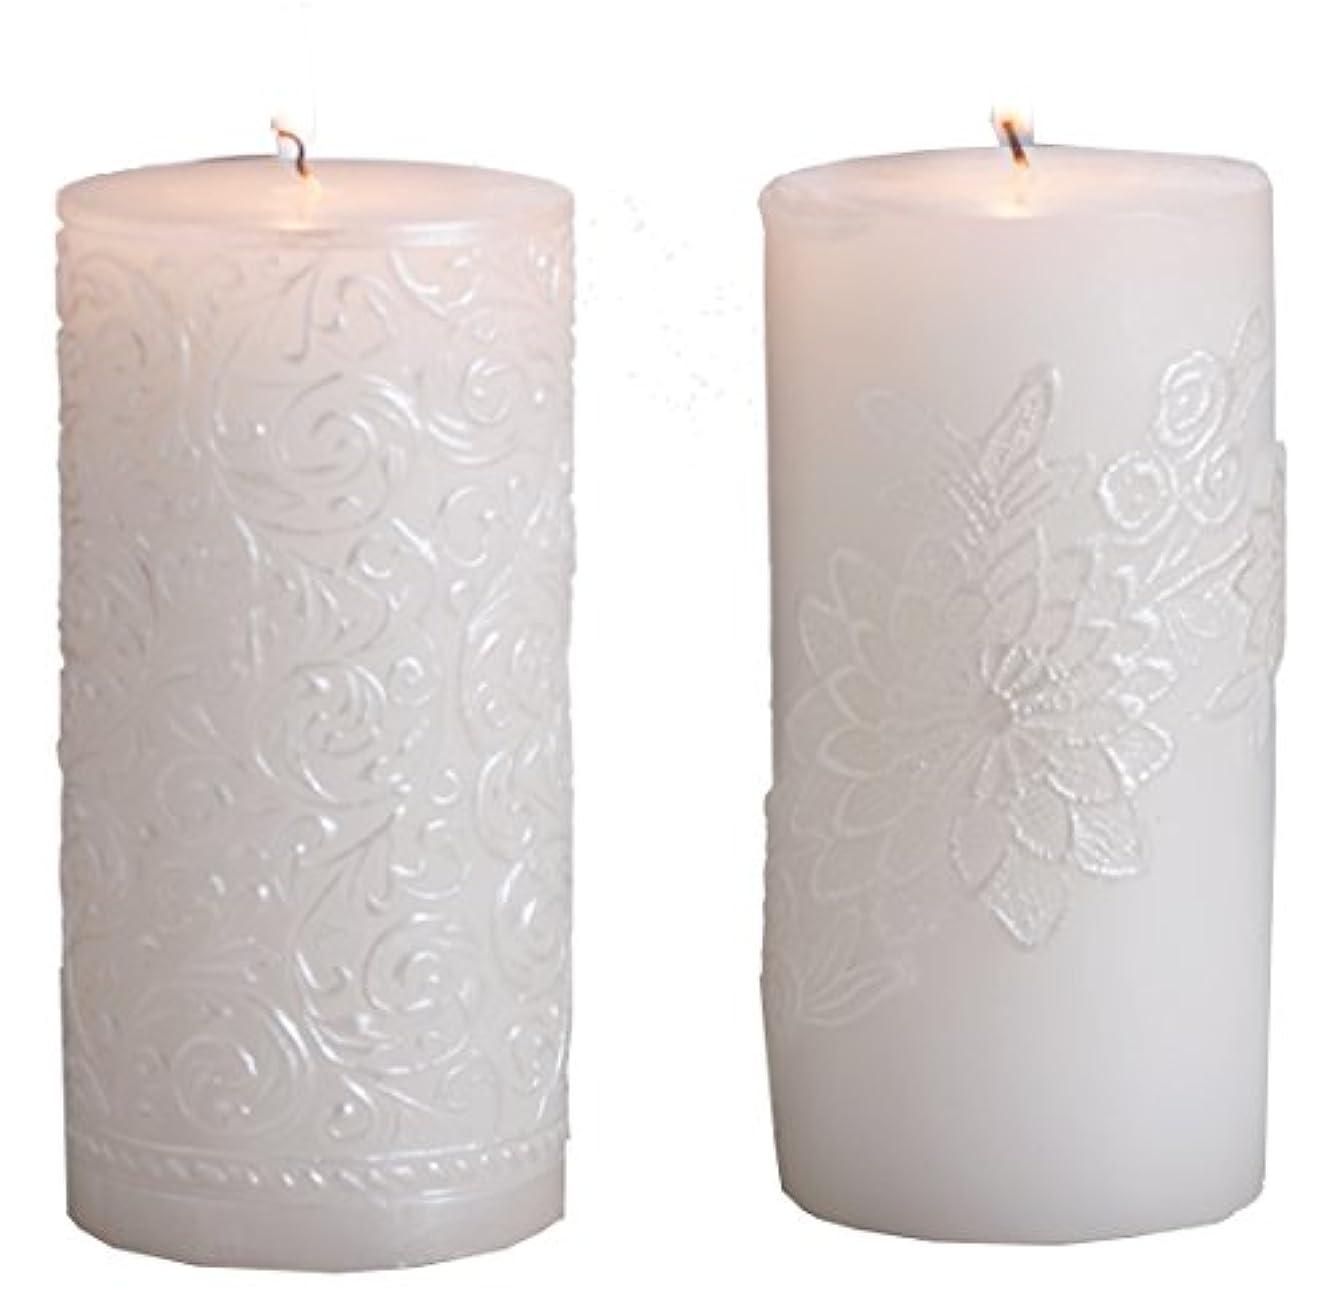 苦痛対人パブ(Gold Brushed) - Biedermann & Sons White Pearl Pillar Candle, 7.6cm by 23cm, Gold Brushed